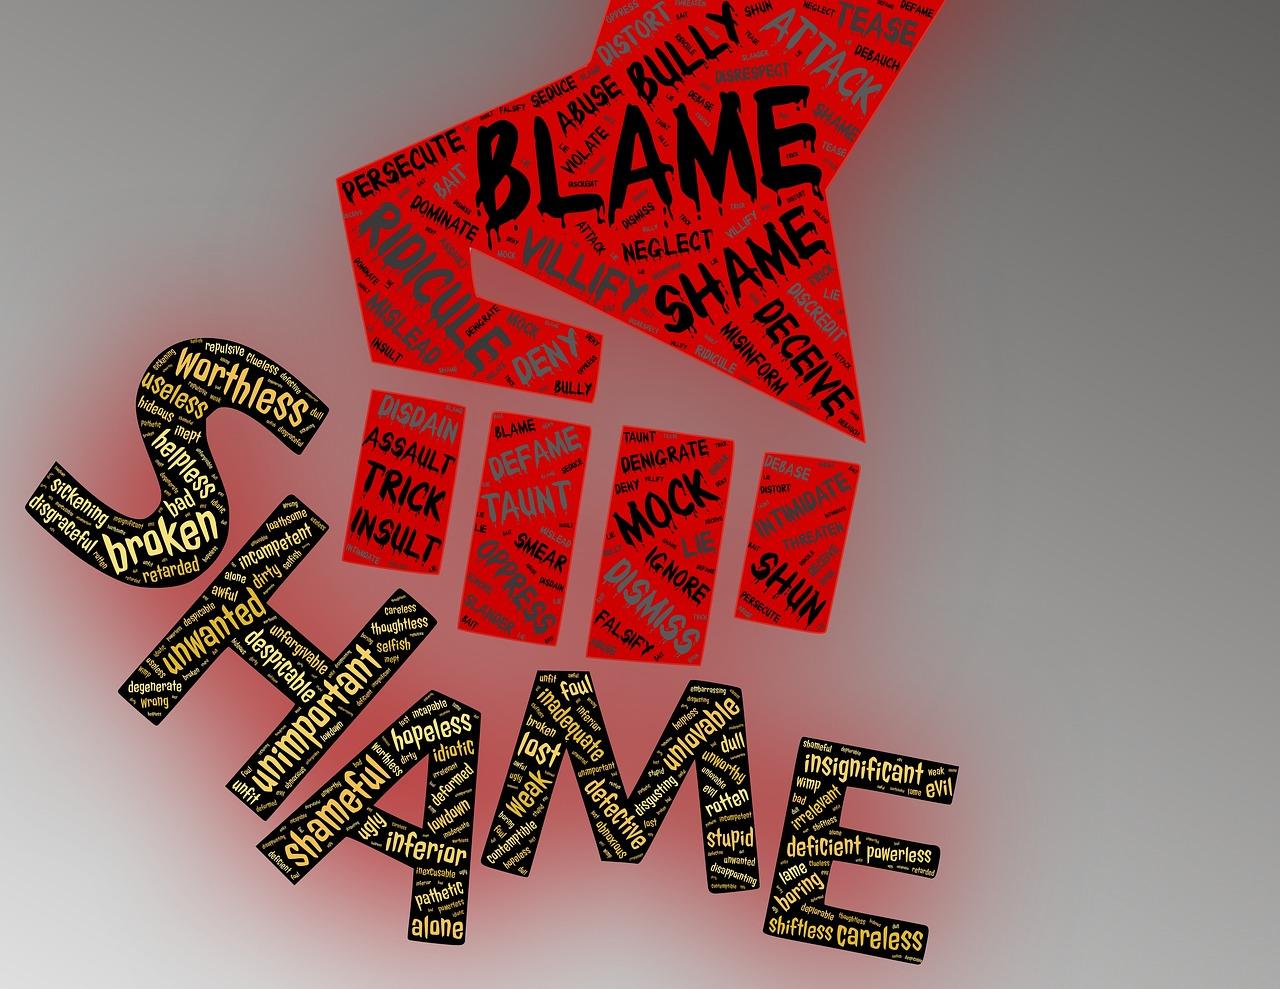 blame culture